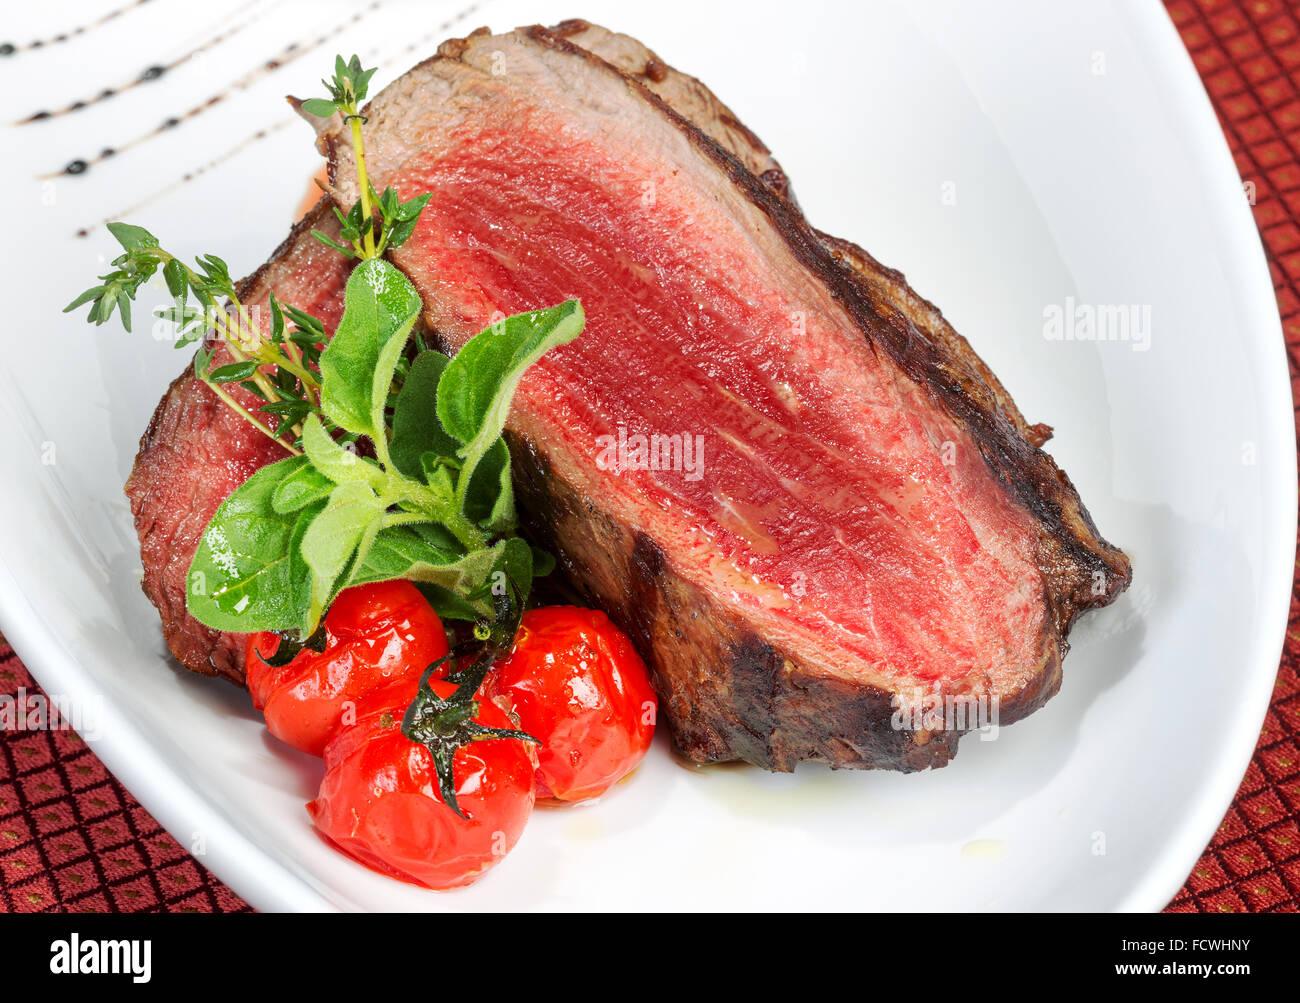 Di medie bistecche alla griglia e saporita salsa di pomodoro Immagini Stock